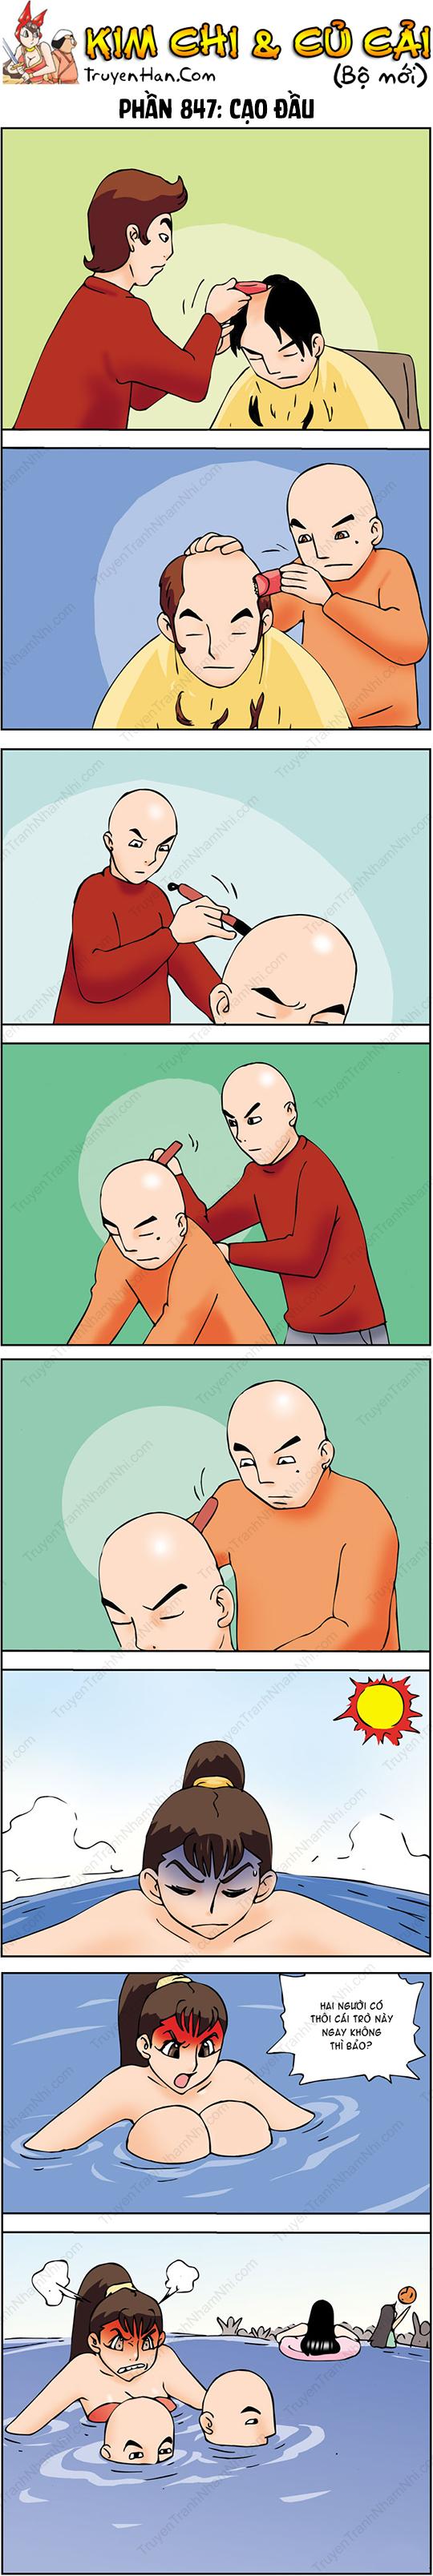 Kim Chi Và Củ Cải Phần 847: Cạo đầu